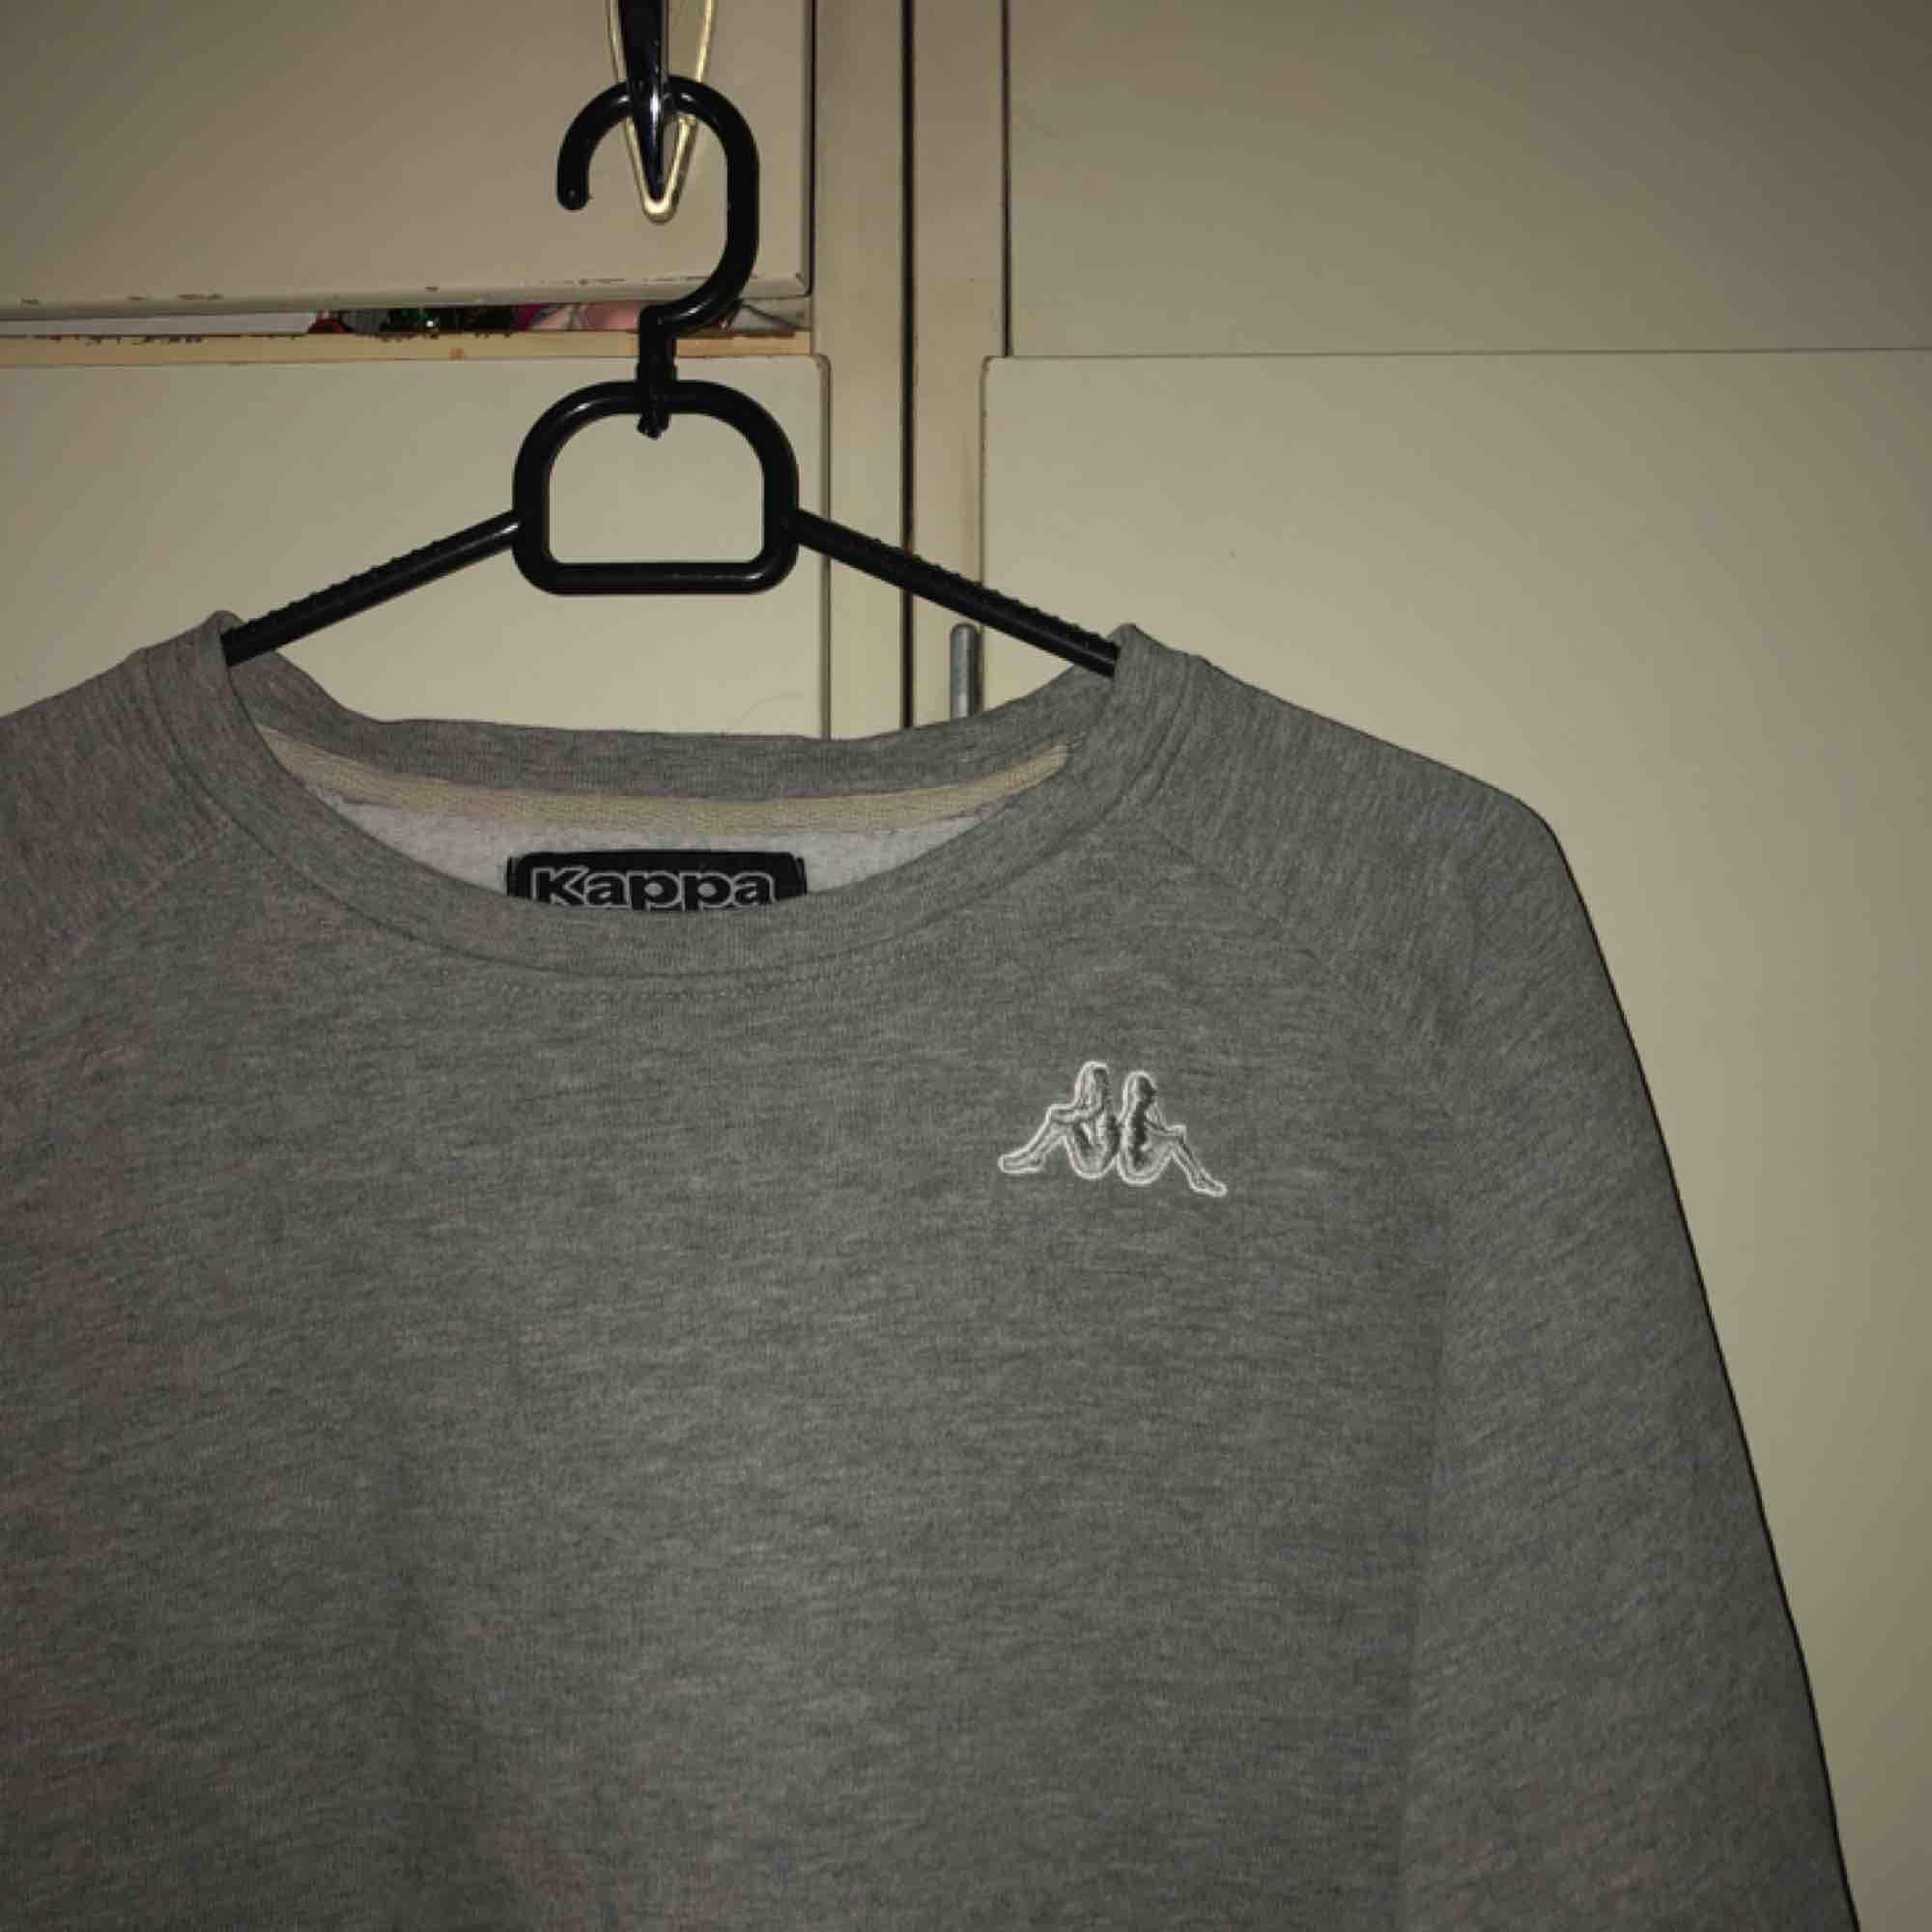 jättefin kappa tröja! märkt med L men e snarare en S/M. sitter lite stort på mig som e en small 💖. Huvtröjor & Träningströjor.